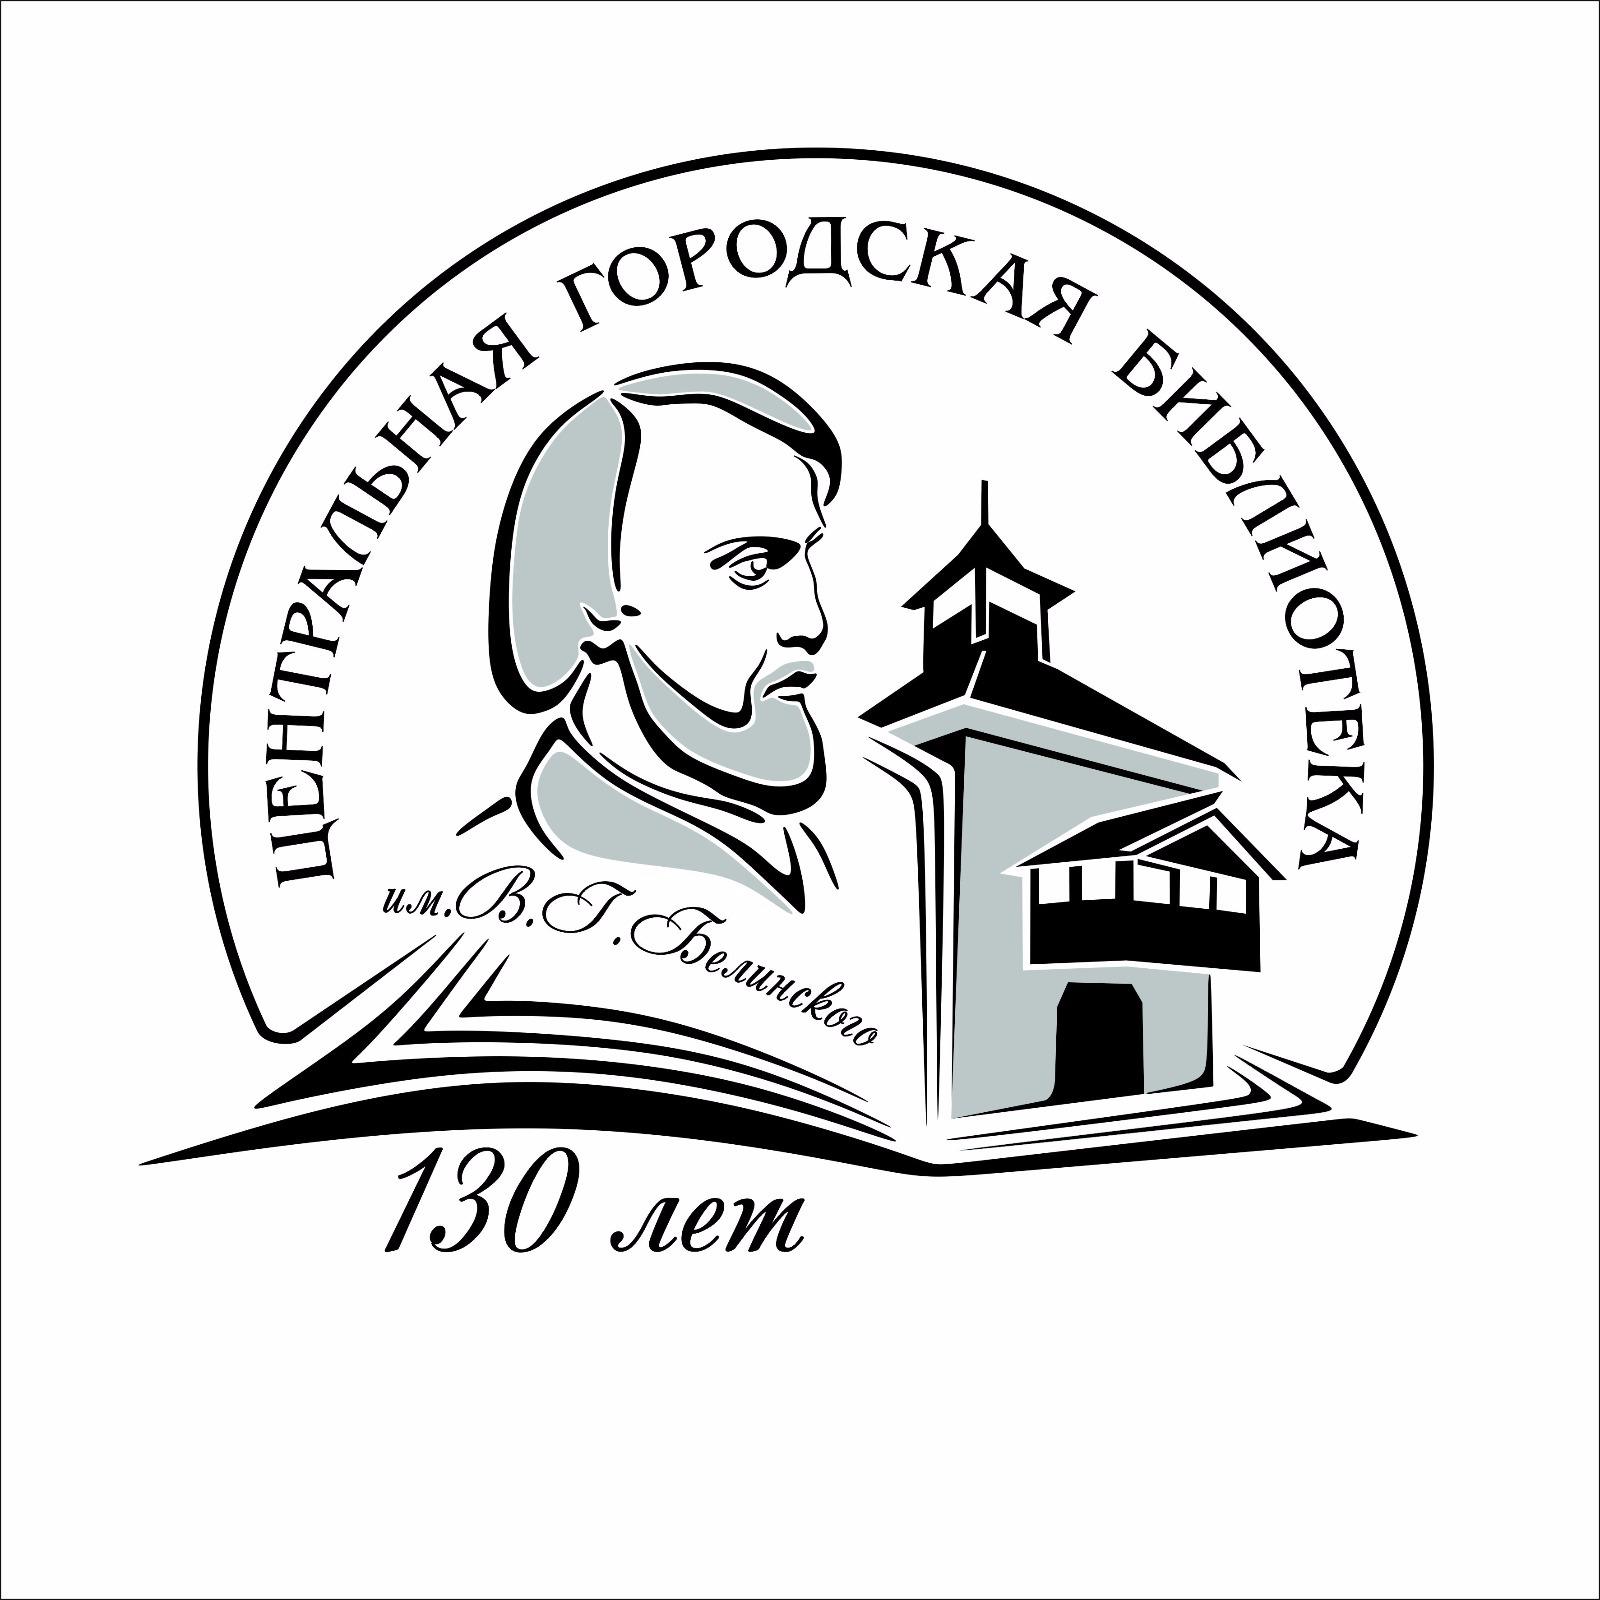 Центральной городской библиотеке им. В.Г. Белинского 130 лет